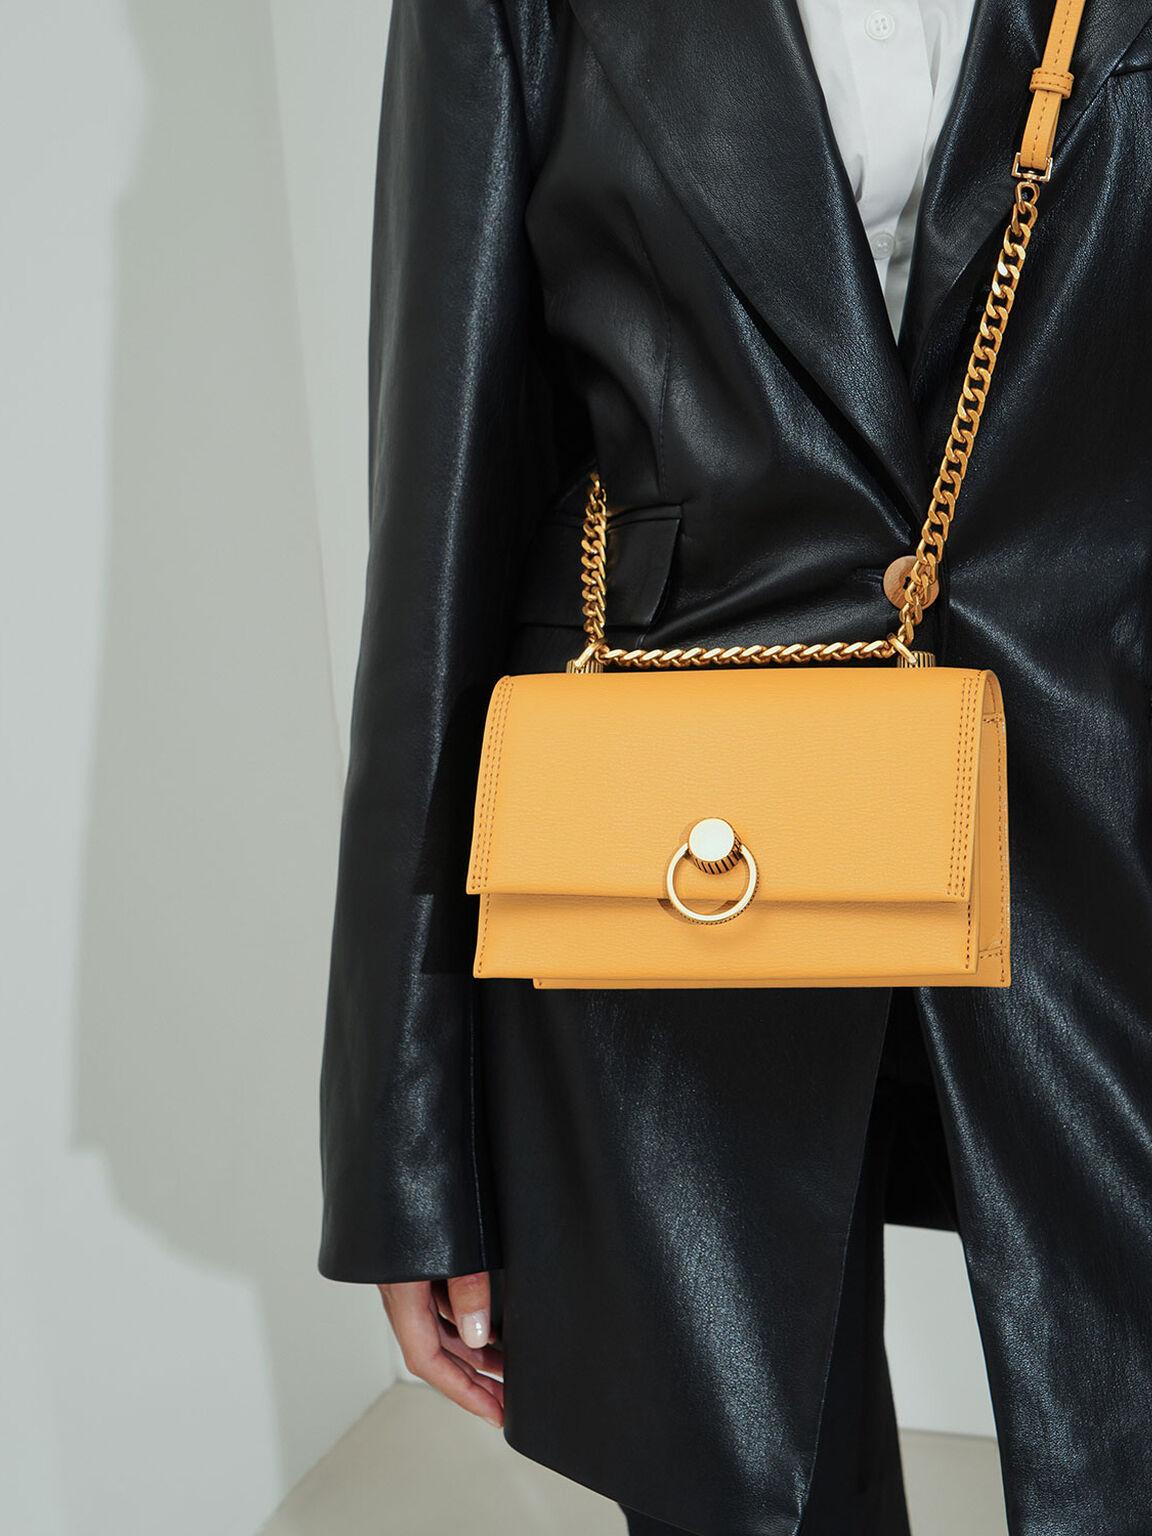 Ring Push-Lock Shoulder Bag, Yellow, hi-res